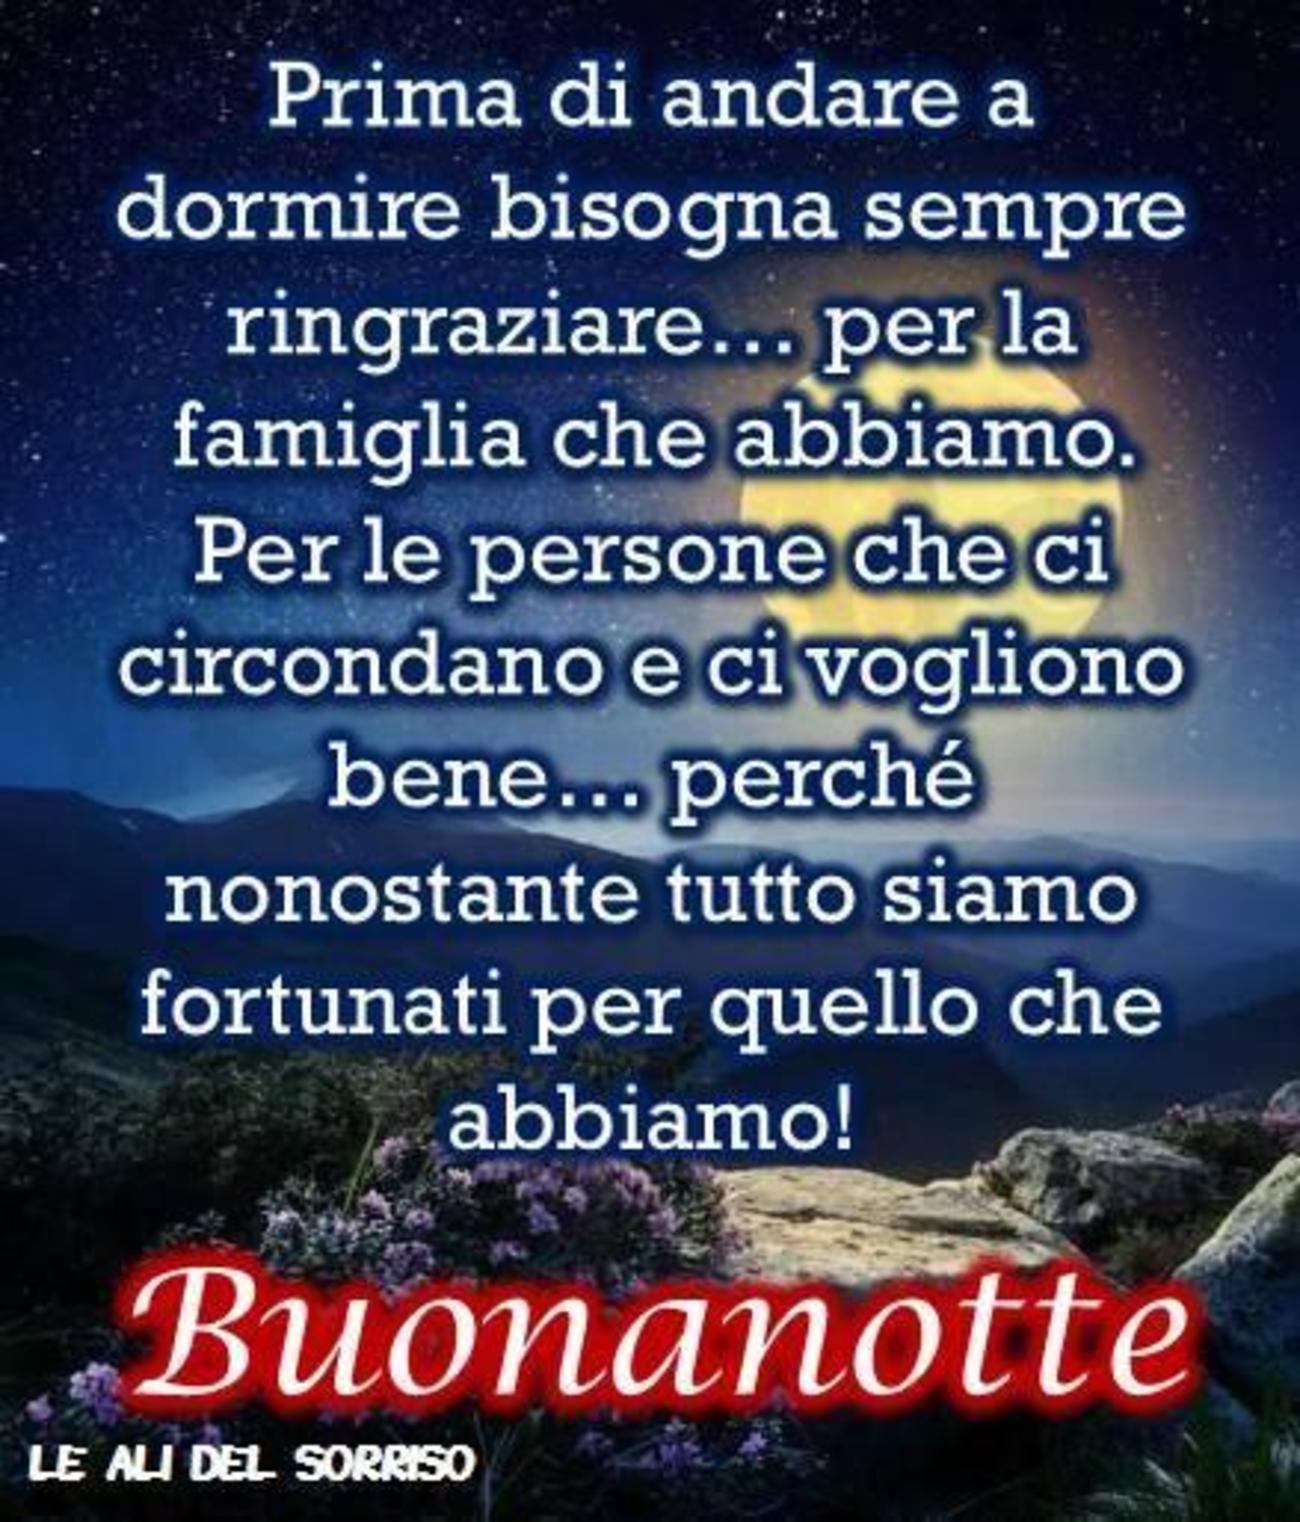 Buonanotte dolce notte (1)